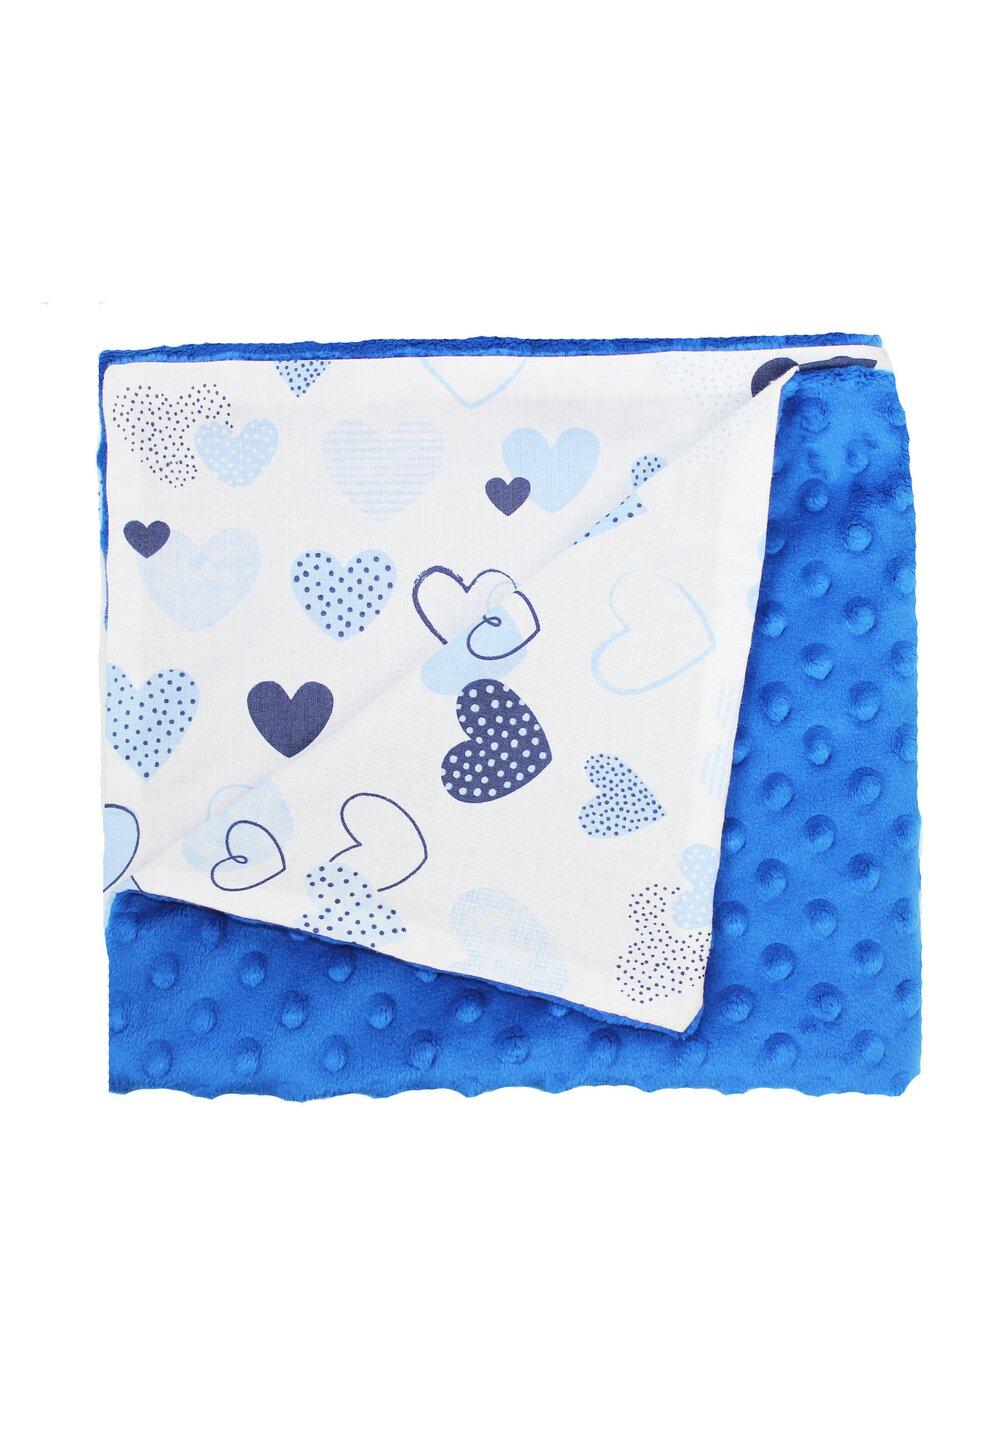 Paturica 2 fete, Minky albastru inchis, inimioare albastre imagine